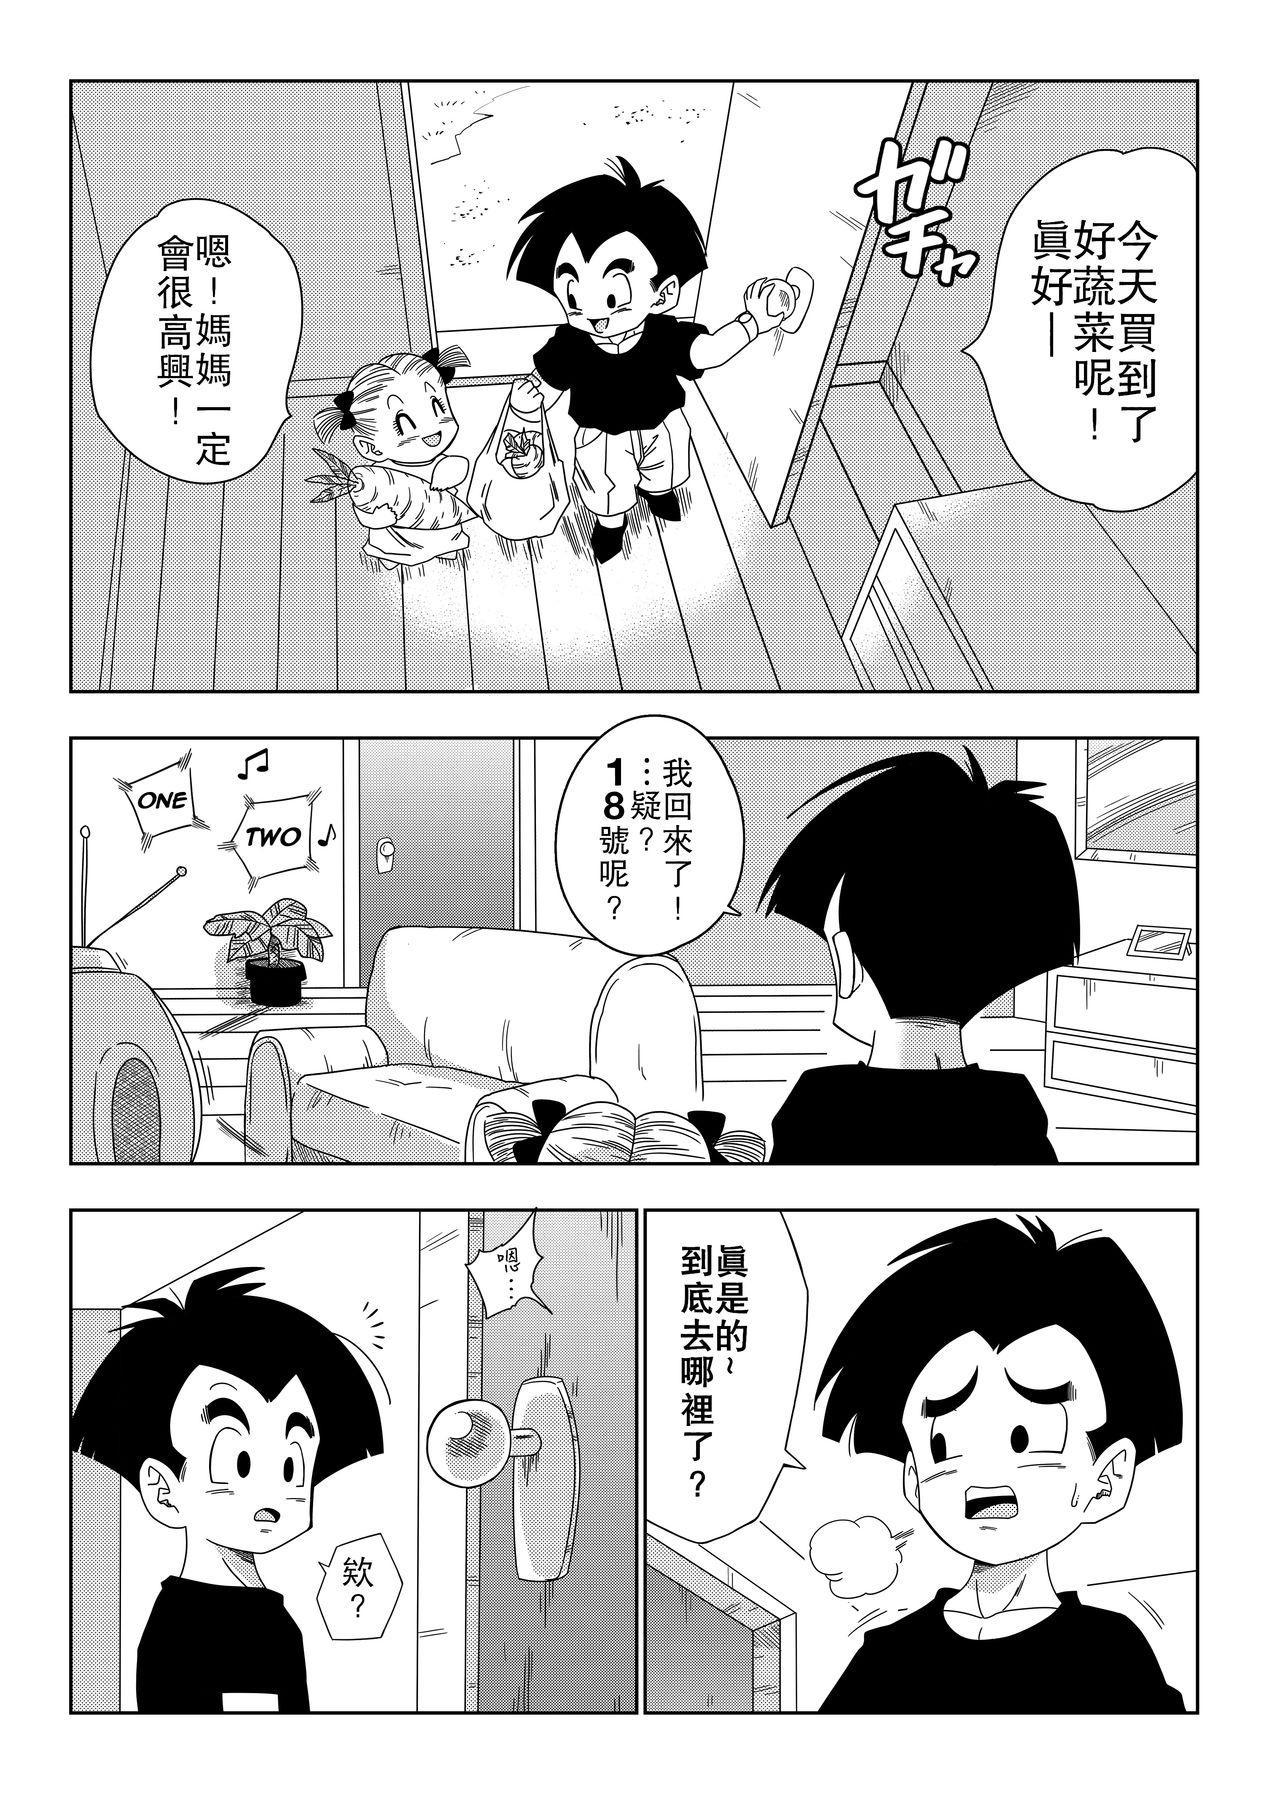 18-gou vs Kame Sennin 24